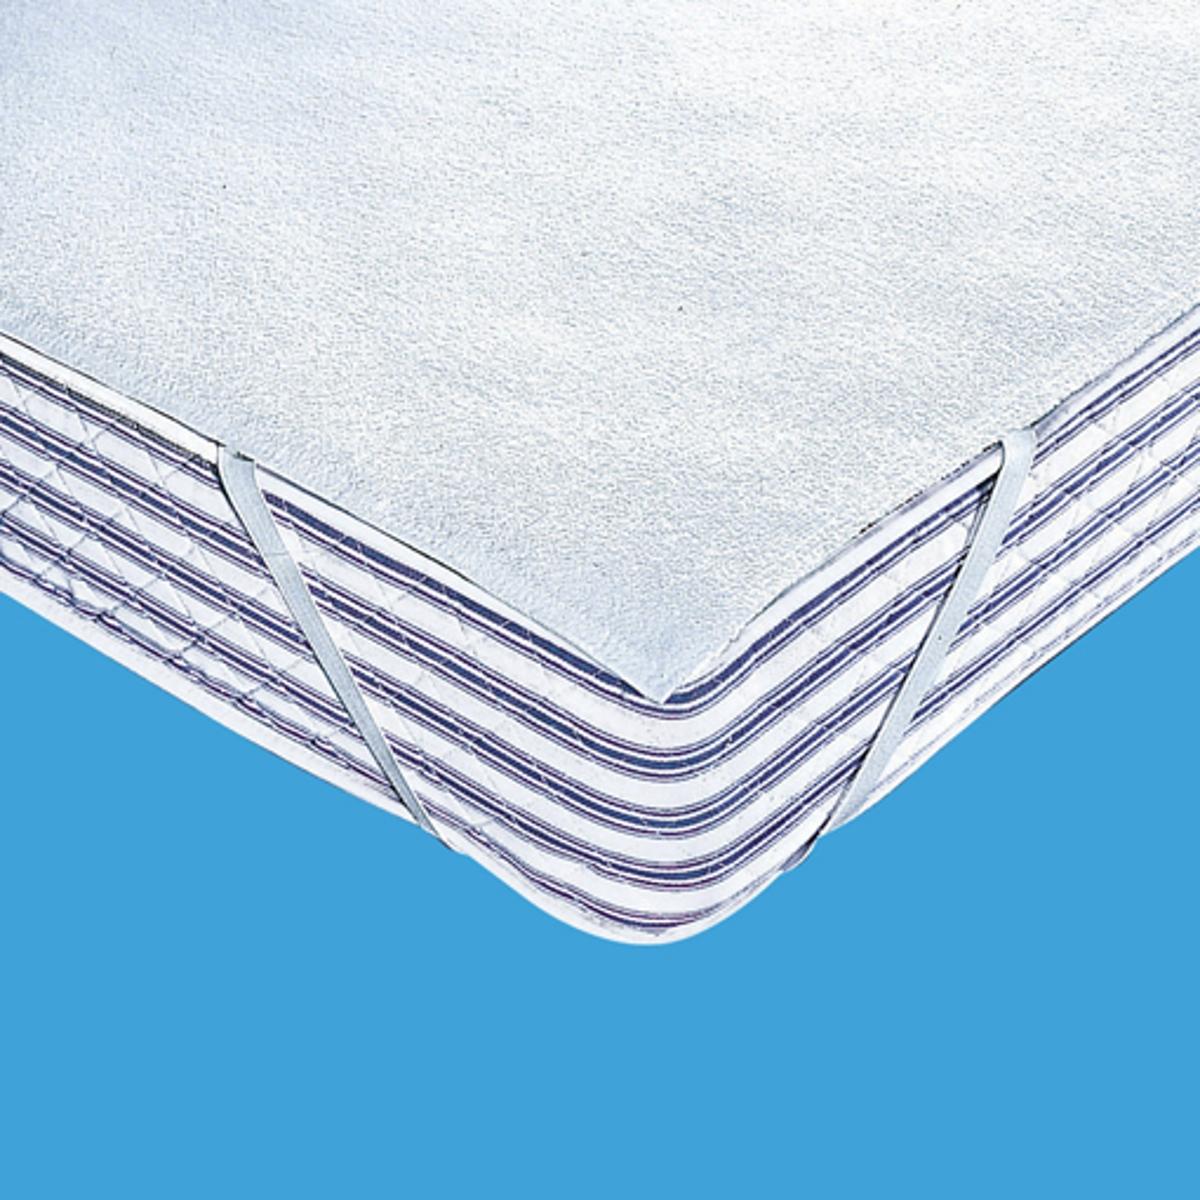 Чехол защитный для матраса 400г/м? из махровой ткани с непромокаемым покрытием из ПВХУдобный защитный чехол из эластичной махровой ткани впитывает влагу, выделяемую телом во время сна и защищает Ваше постельное бельё от пятен, бактерий и клещей.. Защитный чехол в виде простыни из нежной и прочной махровой ткани с завитым ворсом (400г/м?) с непромокаемым покрытием из ПВХ без содержания фталатов с пропиткой Sanitized против бактерий и плесени .Эластичный чехол легко крепится к матрасу (высота 10-18 см).4 угла на резинках.Доступен размер для детской кроватки. Стирать при температуре до 95°.Качество VALEUR S?RE.<br><br>Цвет: белый